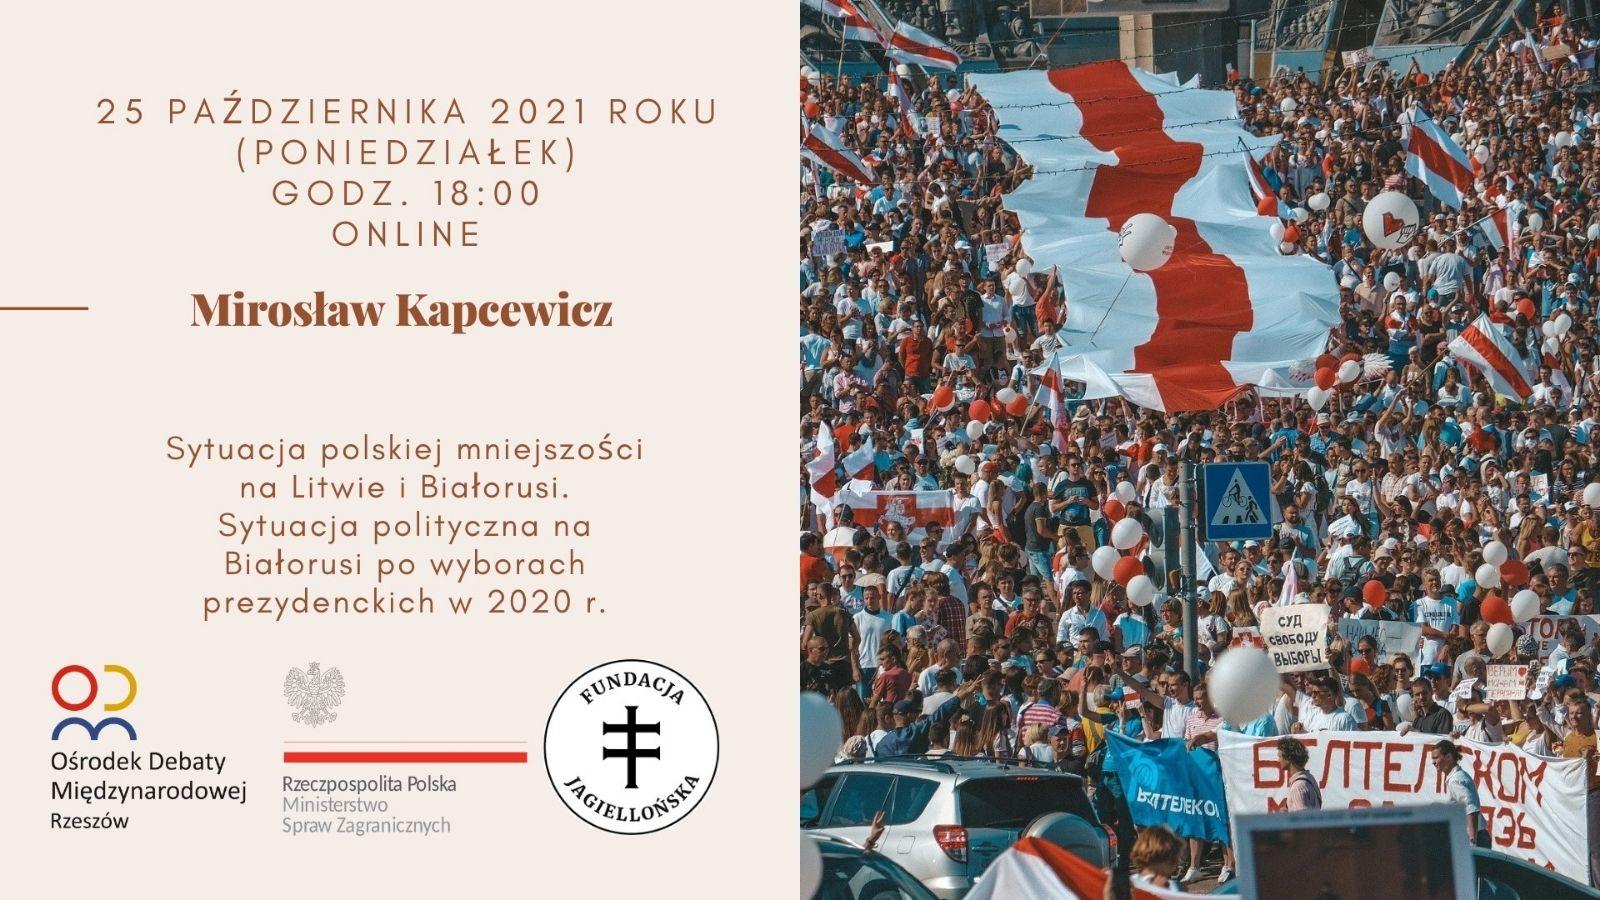 Sytuacja polskiej mniejszości na Litwie i Białorusi